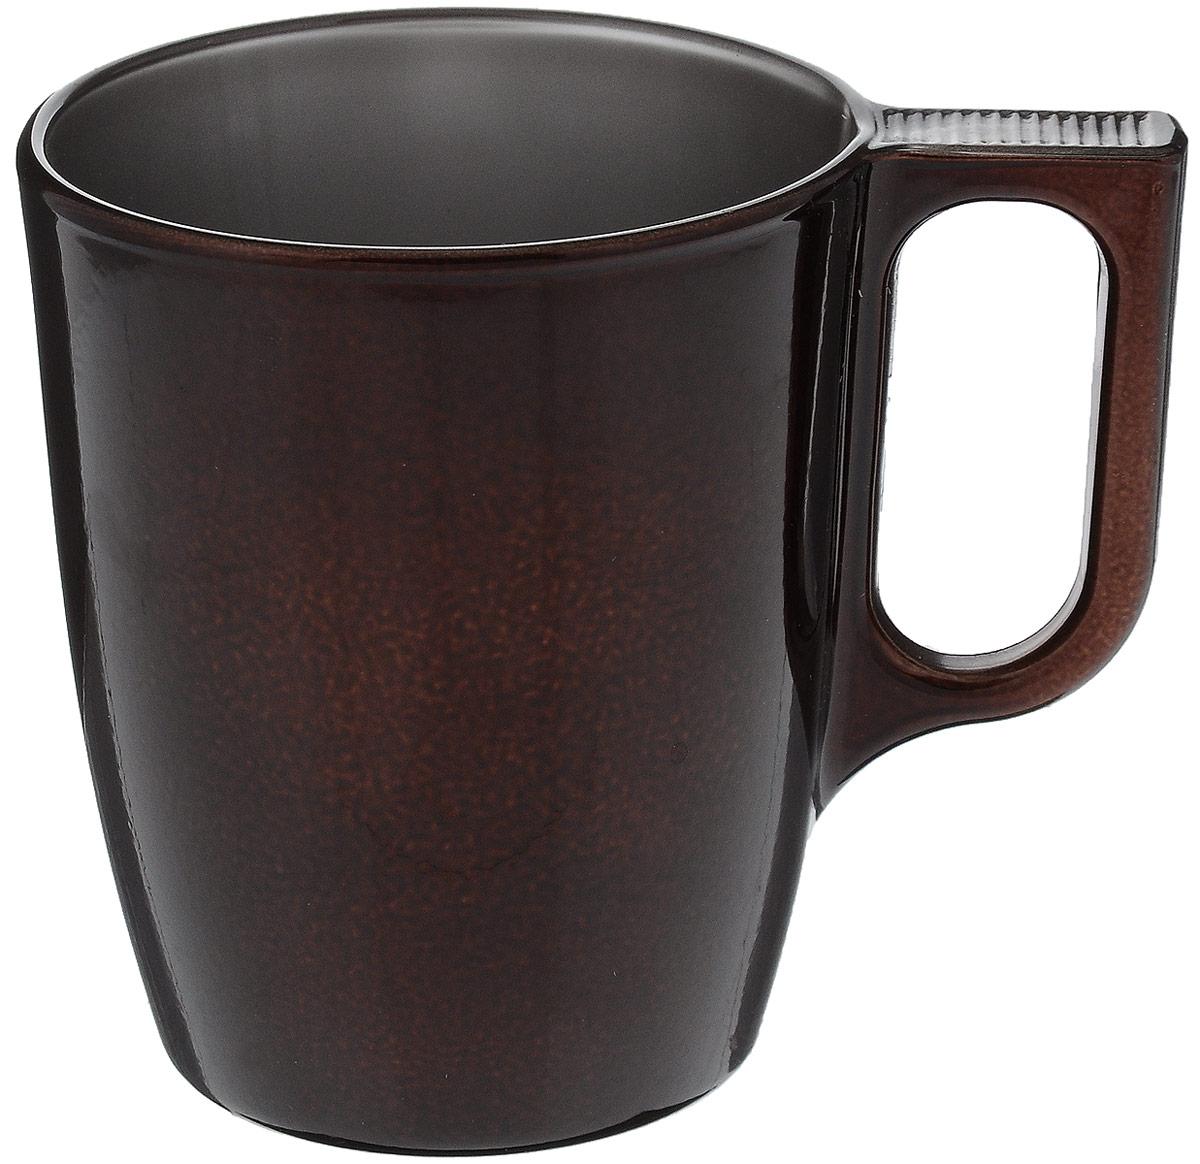 Кружка Luminarc Flashy Сolors, цвет: коричневый, 250 мл391602Кружка Flashy Colors выполнена в современном дизайне и имеет приятный насыщенный цвет. Кофе, чай, какао, любой напиток покажется в ней ароматнее и вкуснее. Кружка объемом 250 мл подойдет для ежедневного использования на кухне с любым интерьером. Кружка изготовлена из ударопрочного стекла и не впитывает запахи. Она может быть использована в СВЧ-печи и посудомоечной машине.Диаметр кружки по верхнему краю: 7,4 см.Высота: 9 см.